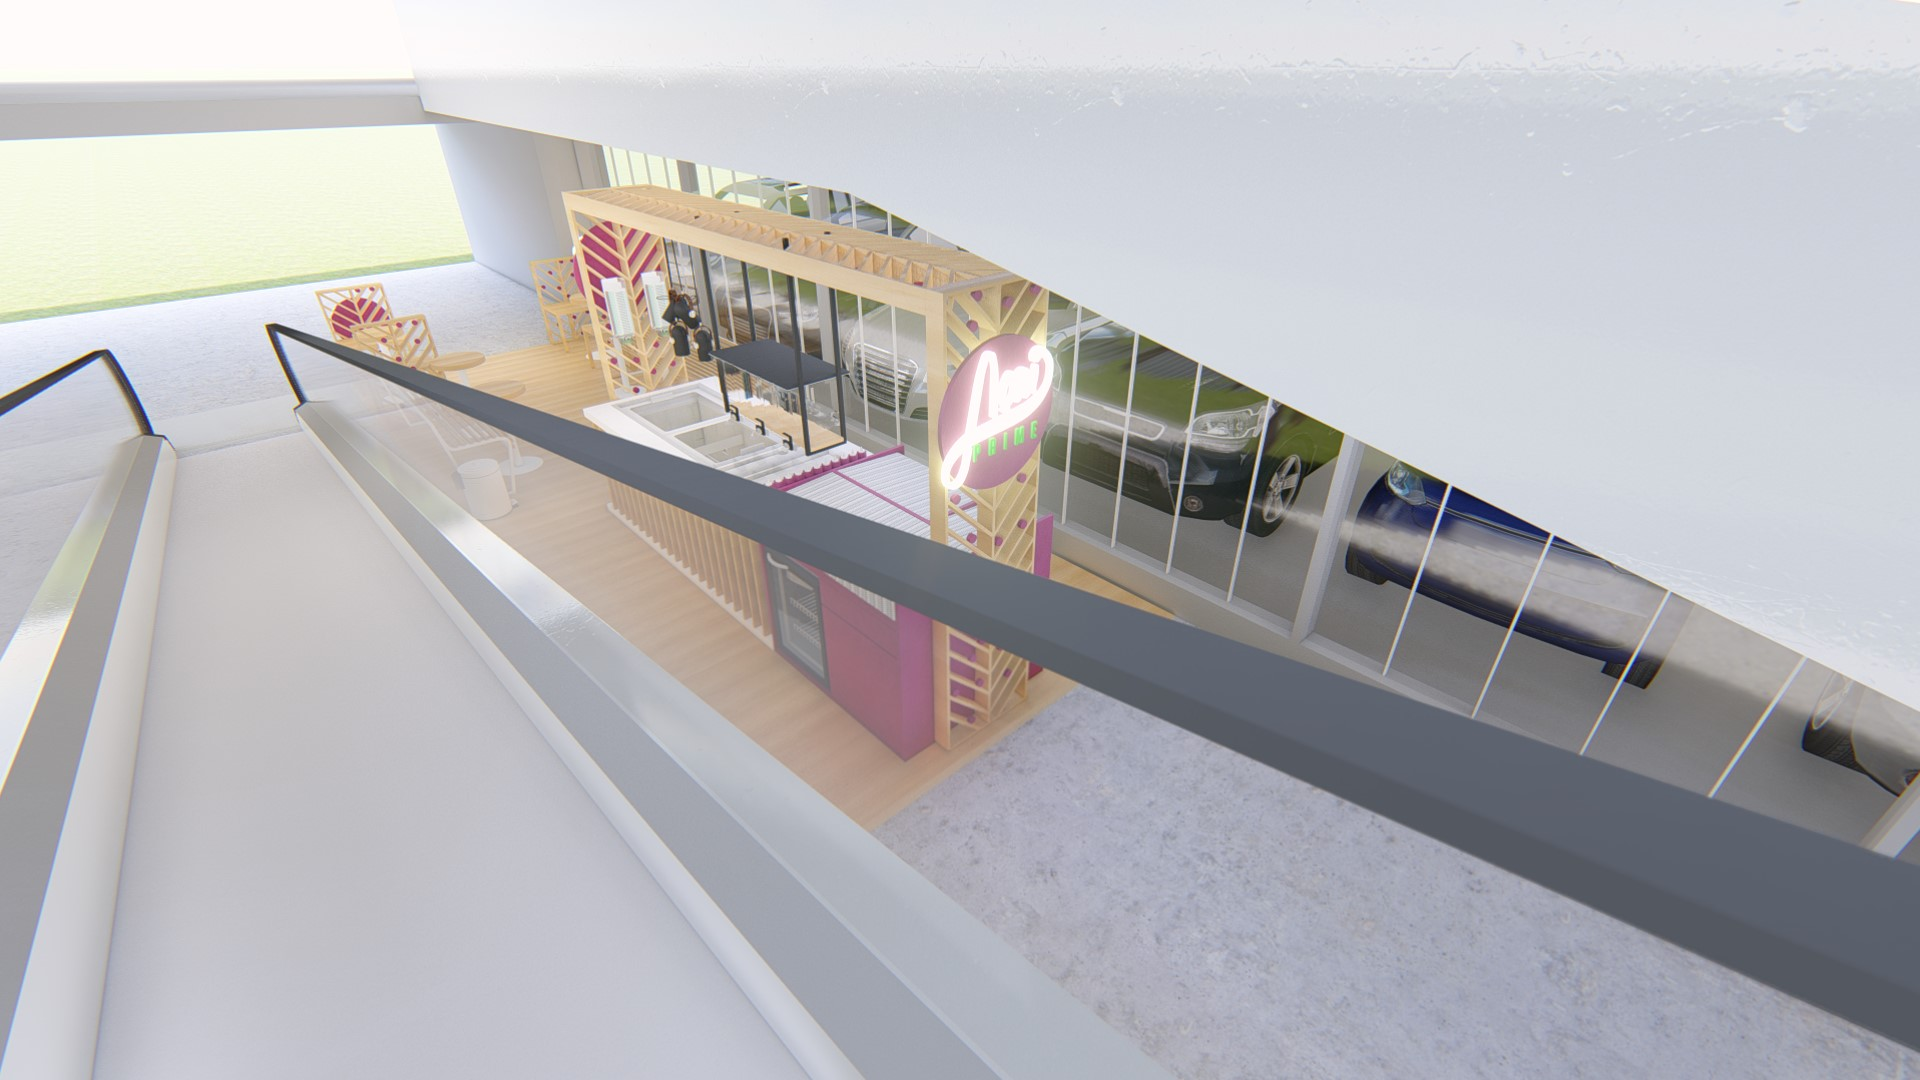 projeto-arquitetonico-acaipqui-duo-arquitetura-05.jpg